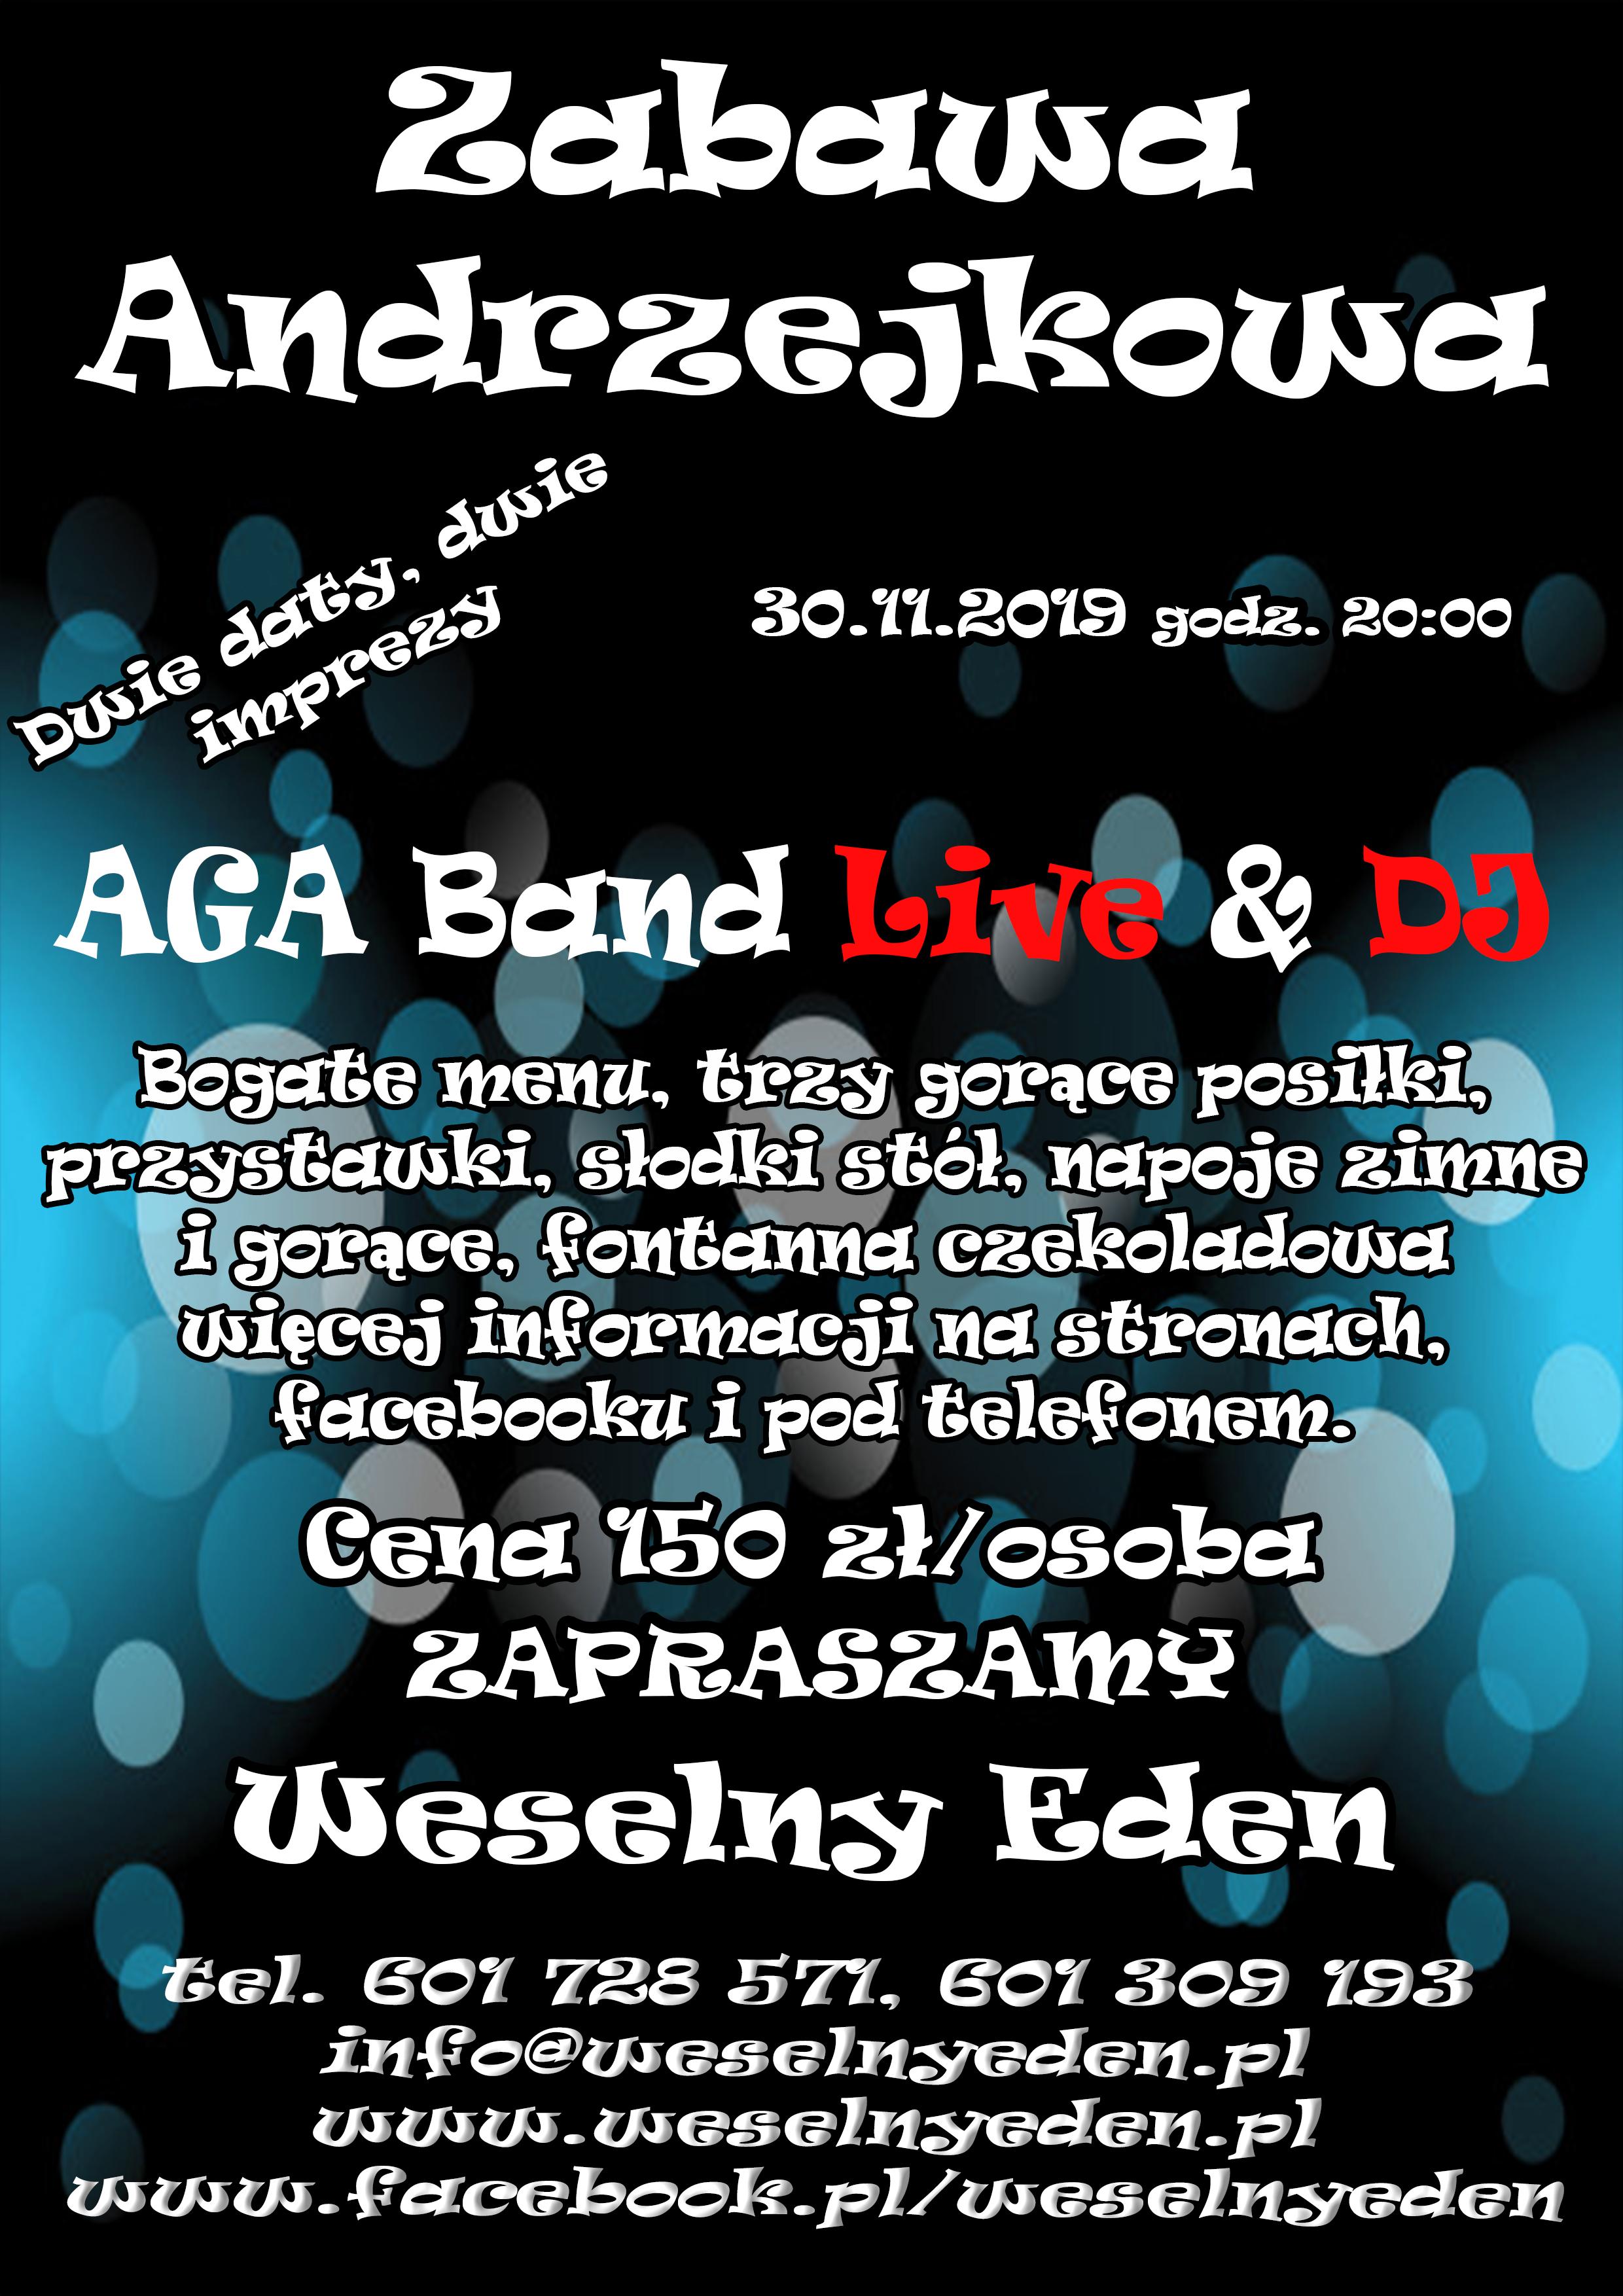 II Zabawa Andrzejkowa 30-11-2019 Weselny Eden